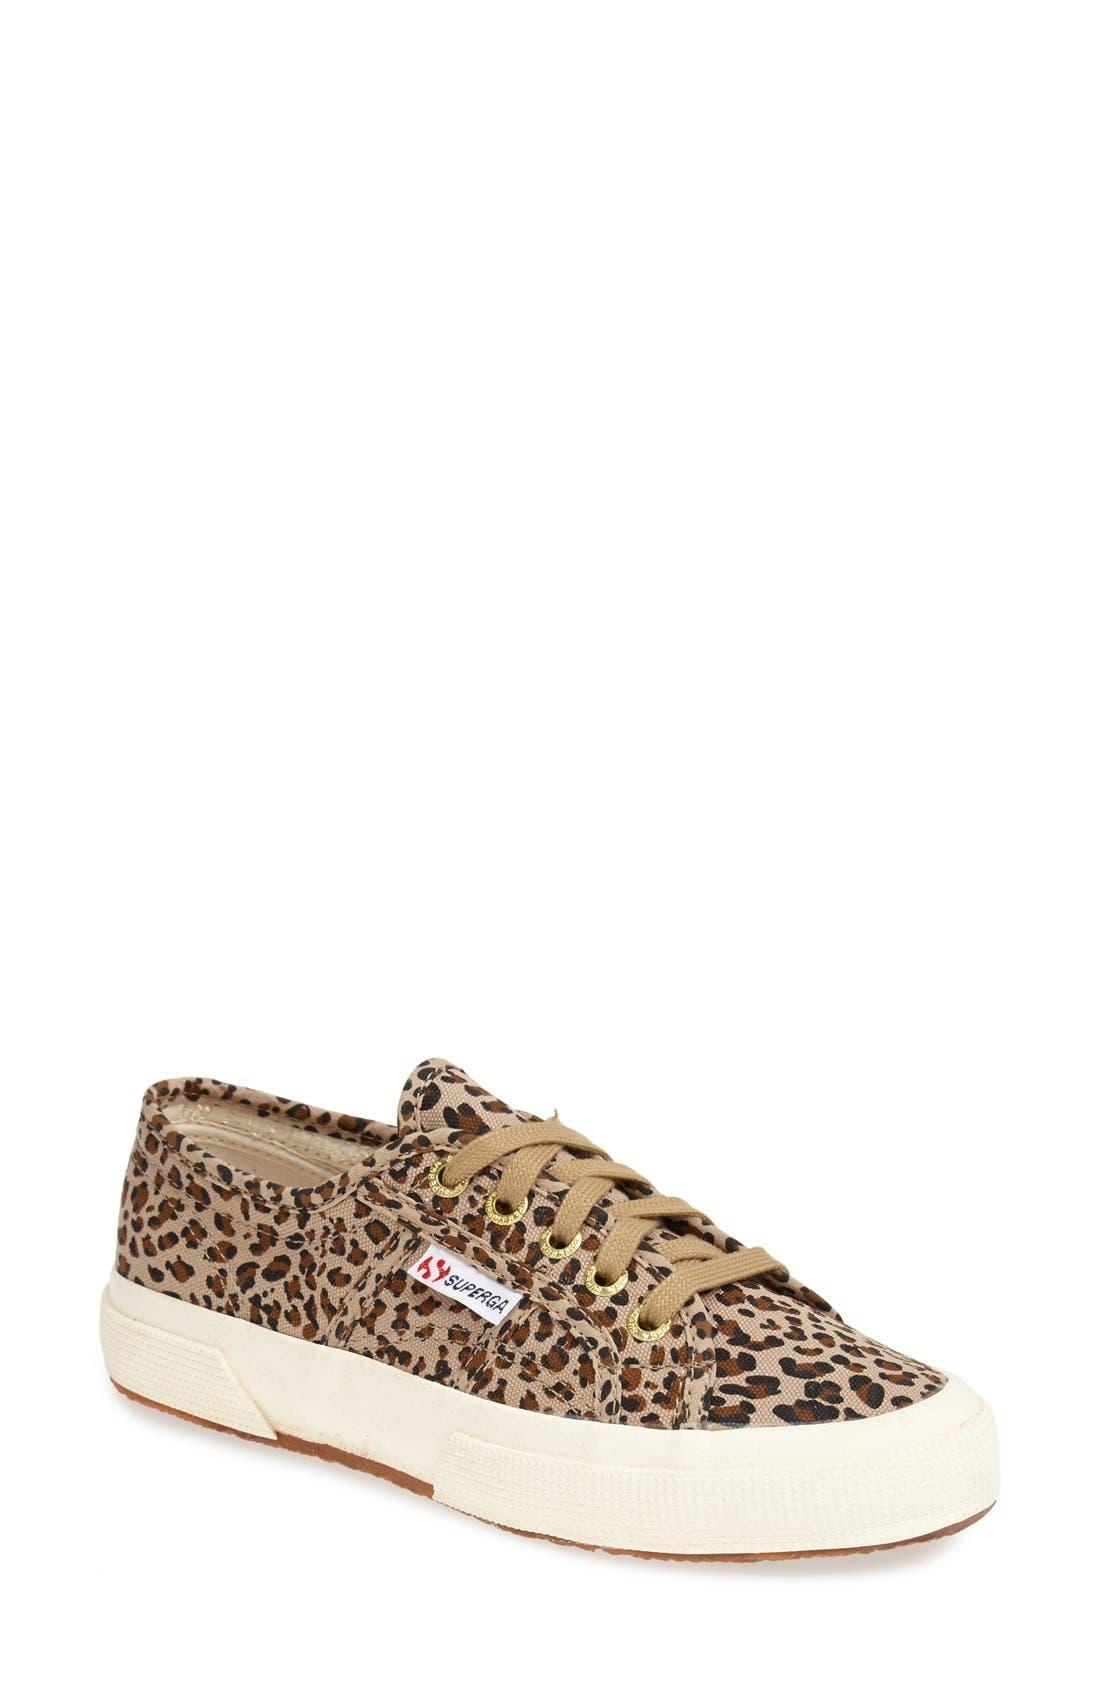 Main Image - Superga 'Leo' Leopard Spot Slip-On Sneaker (Women)